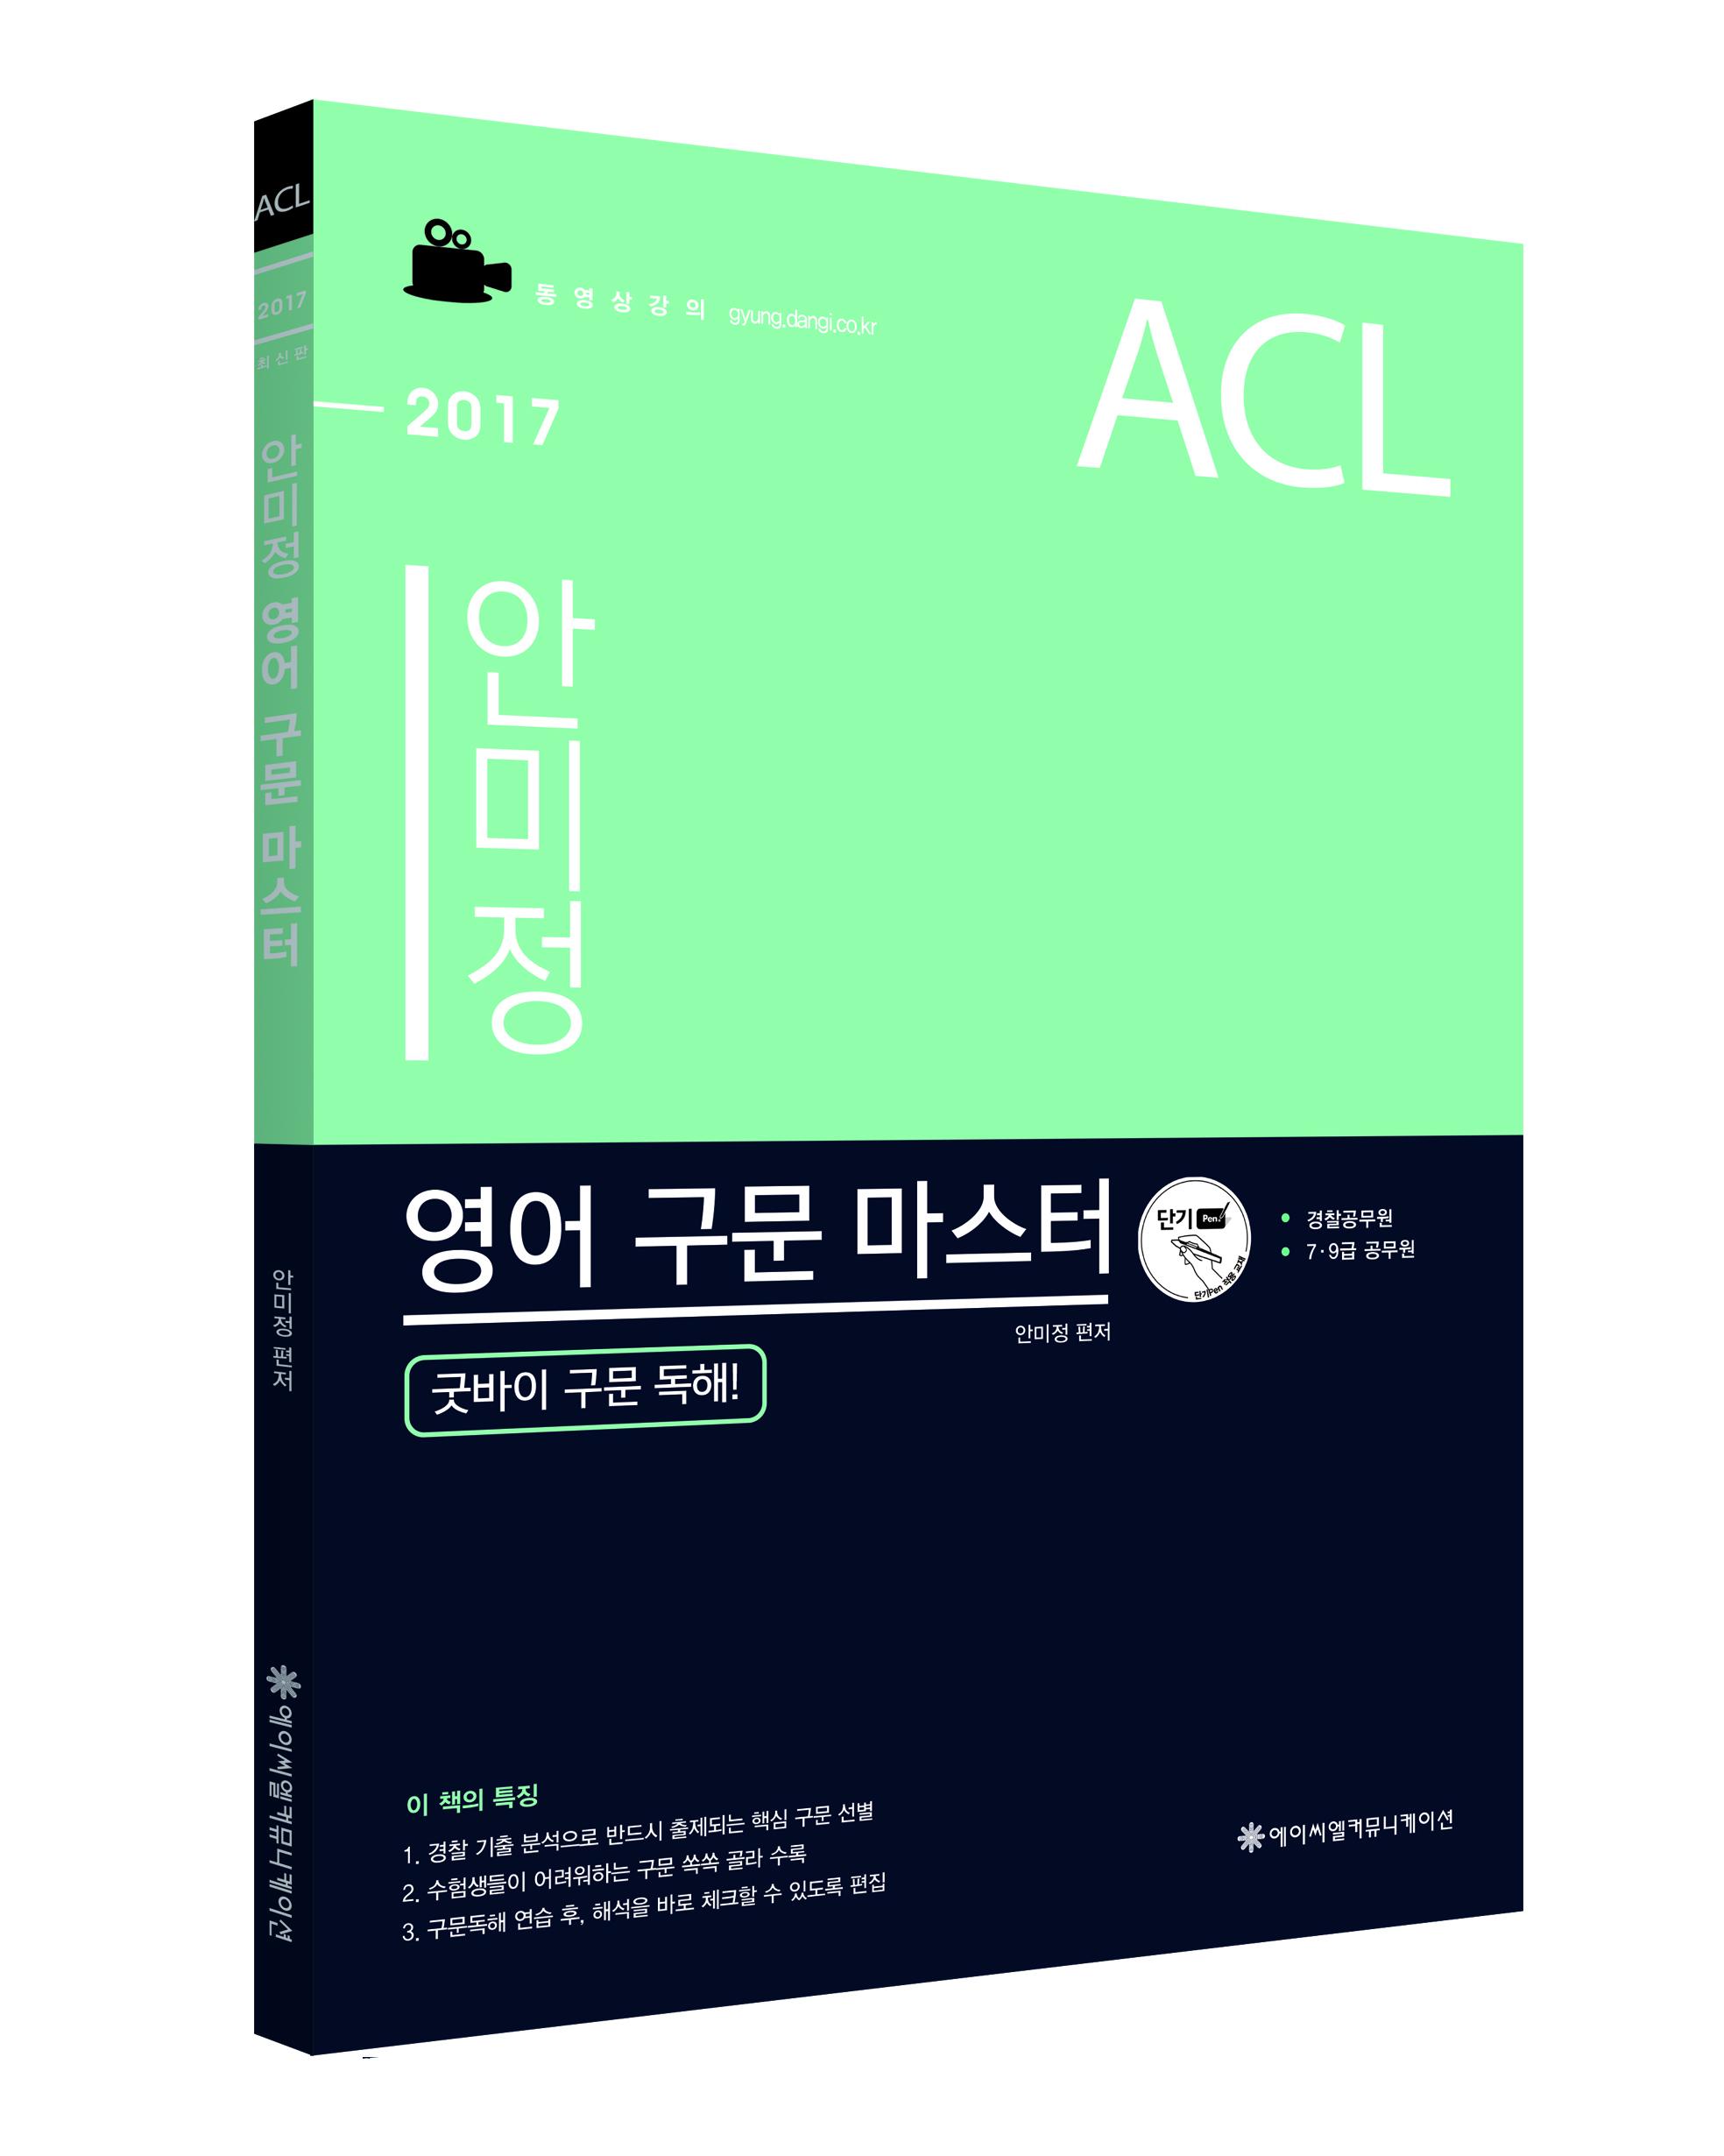 [단기펜교재] 2017 ACL 안미정 영어 구문마스터